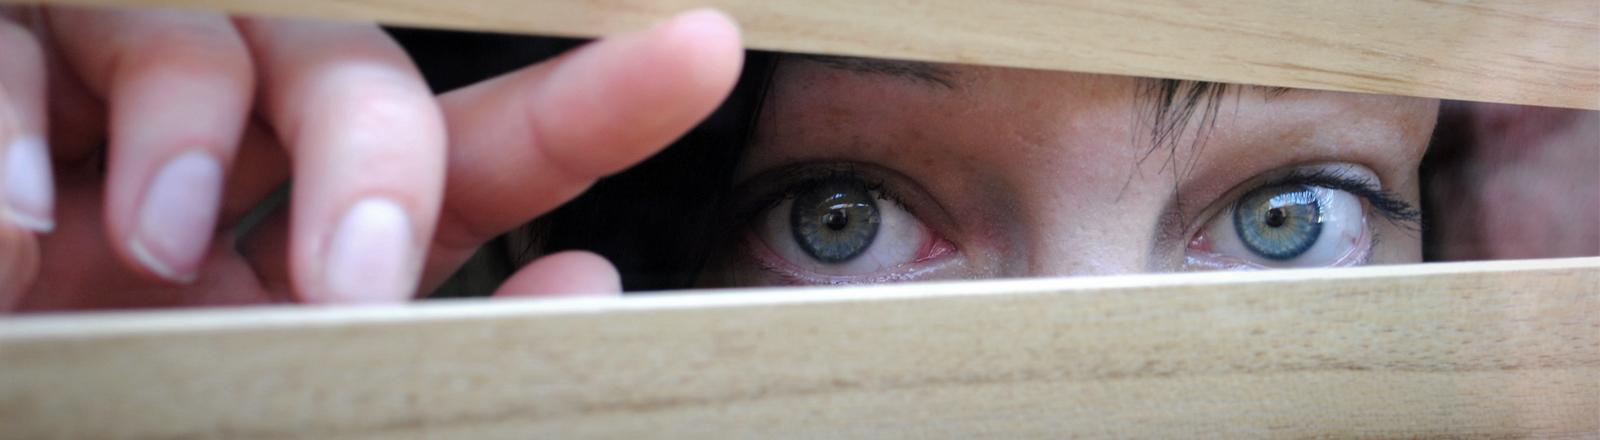 Eine Frau schaut verstohlen durch die Jalousien.